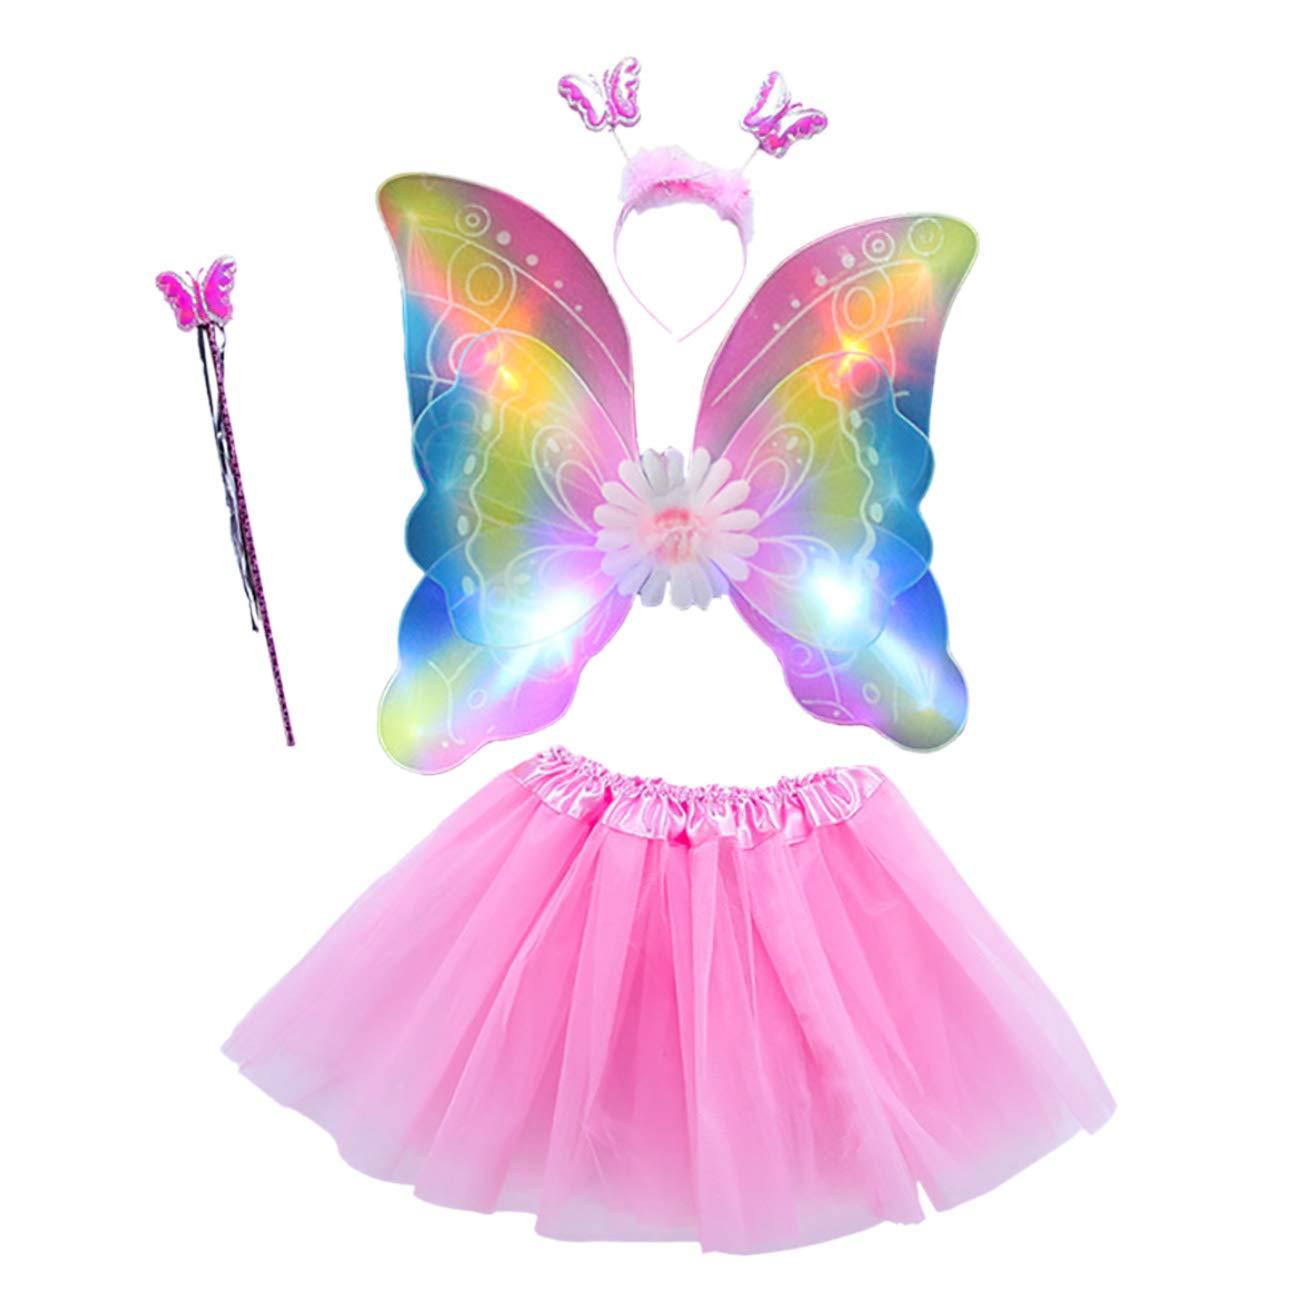 7eb8145193 THEE LED Ailes de Papillon 4pcs Costume de Papillon Lumineux pour Filles  Déguisement: Amazon.fr: Jeux et Jouets